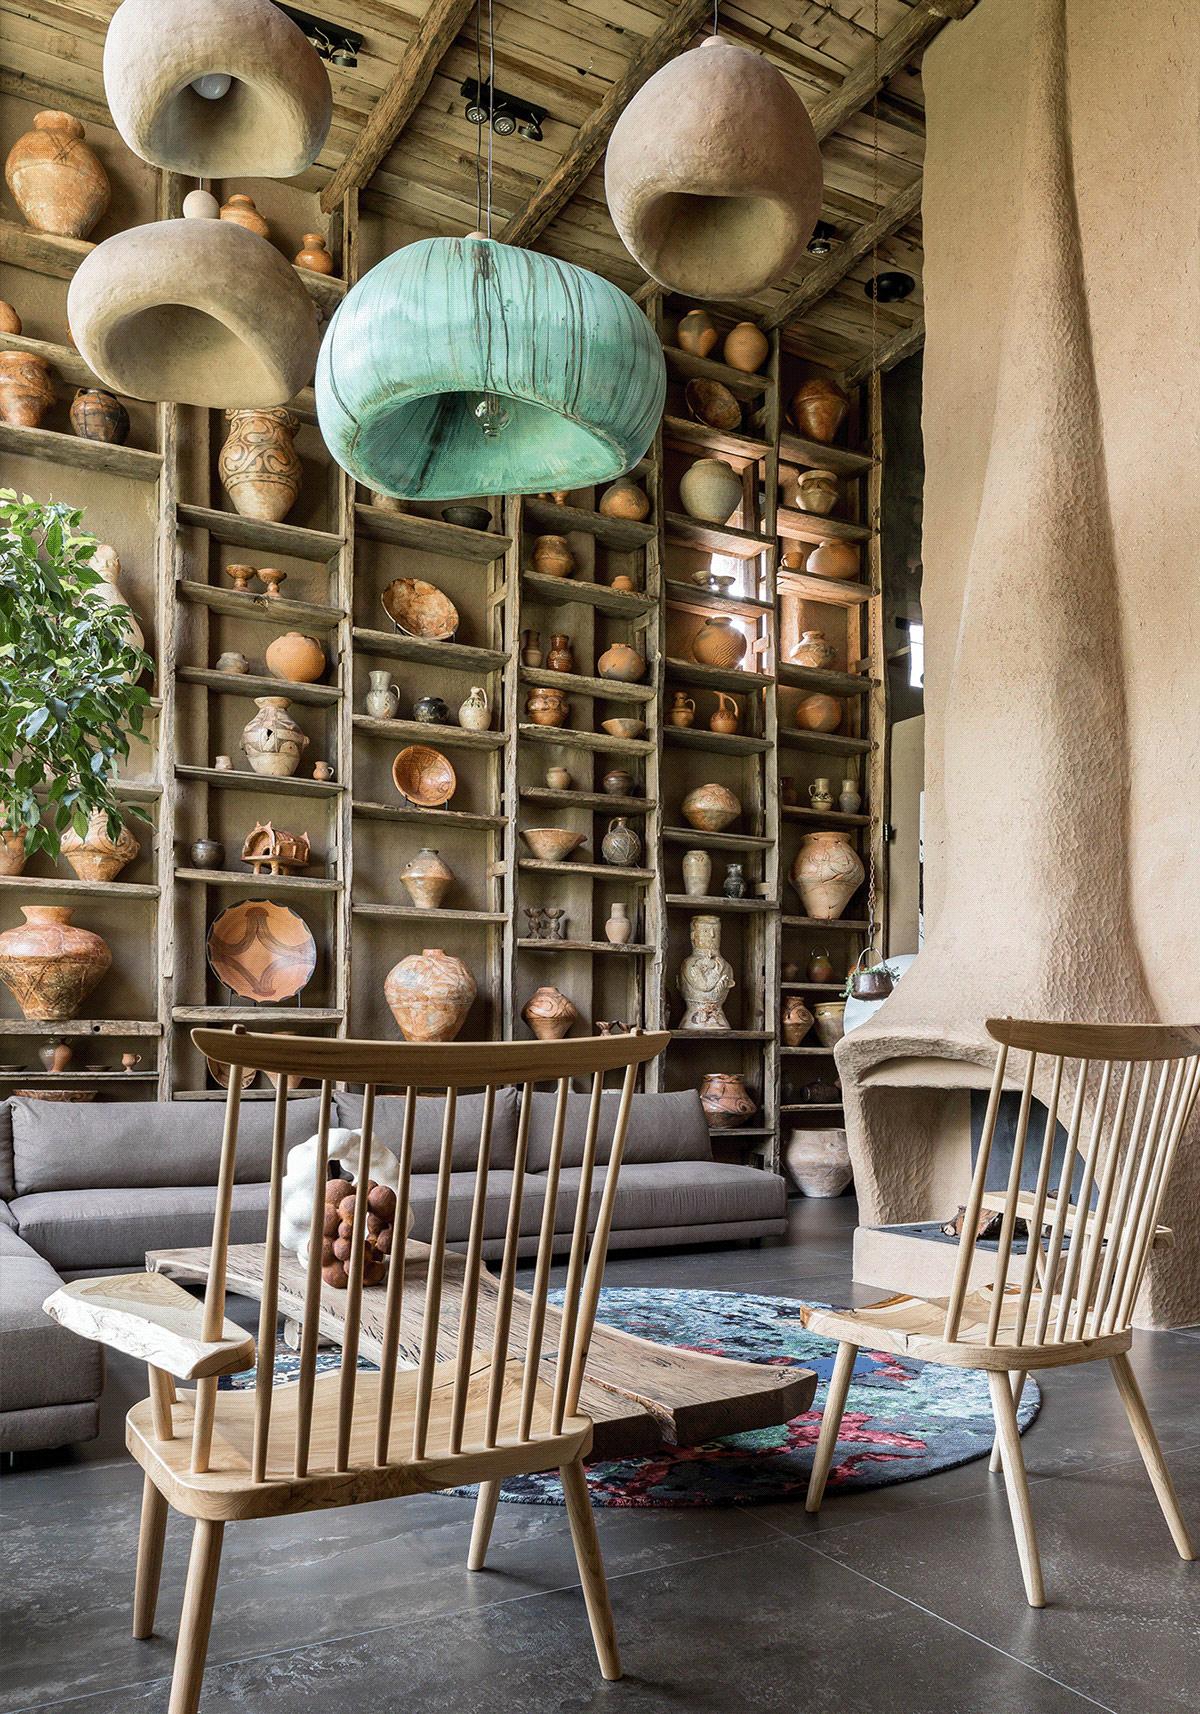 rustic-interior-design